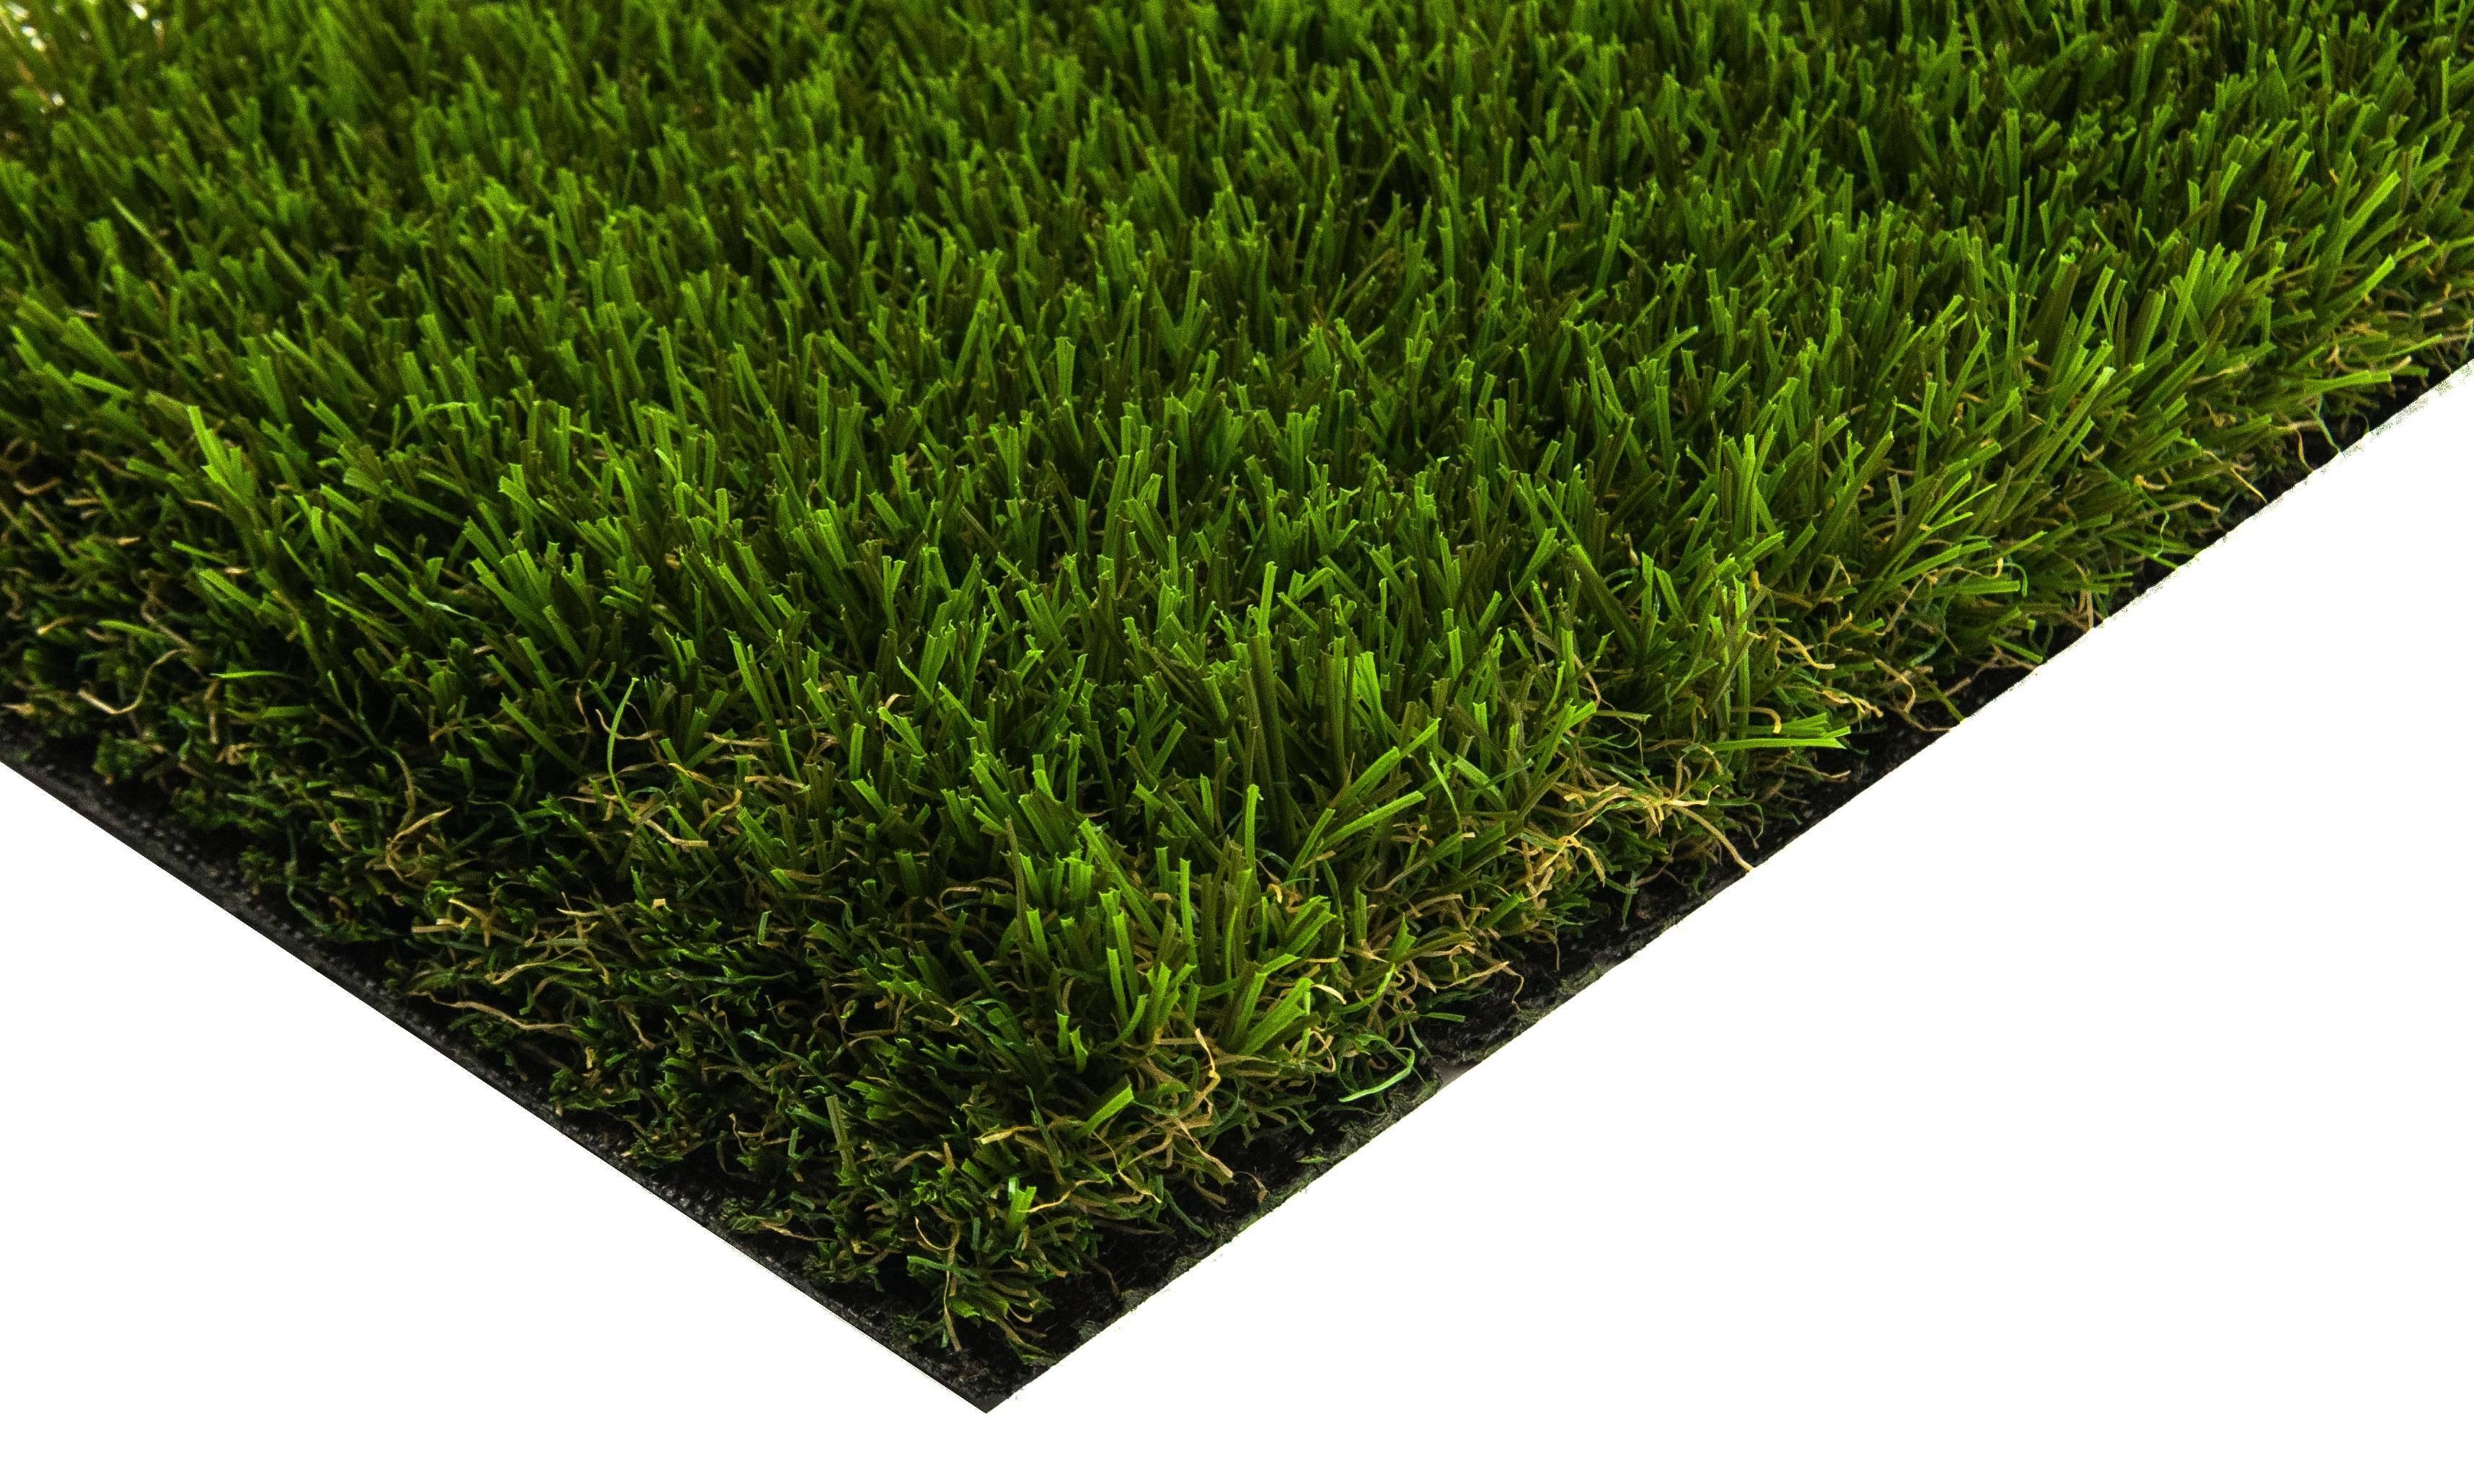 Искусственная трава для декора: объясняем детально